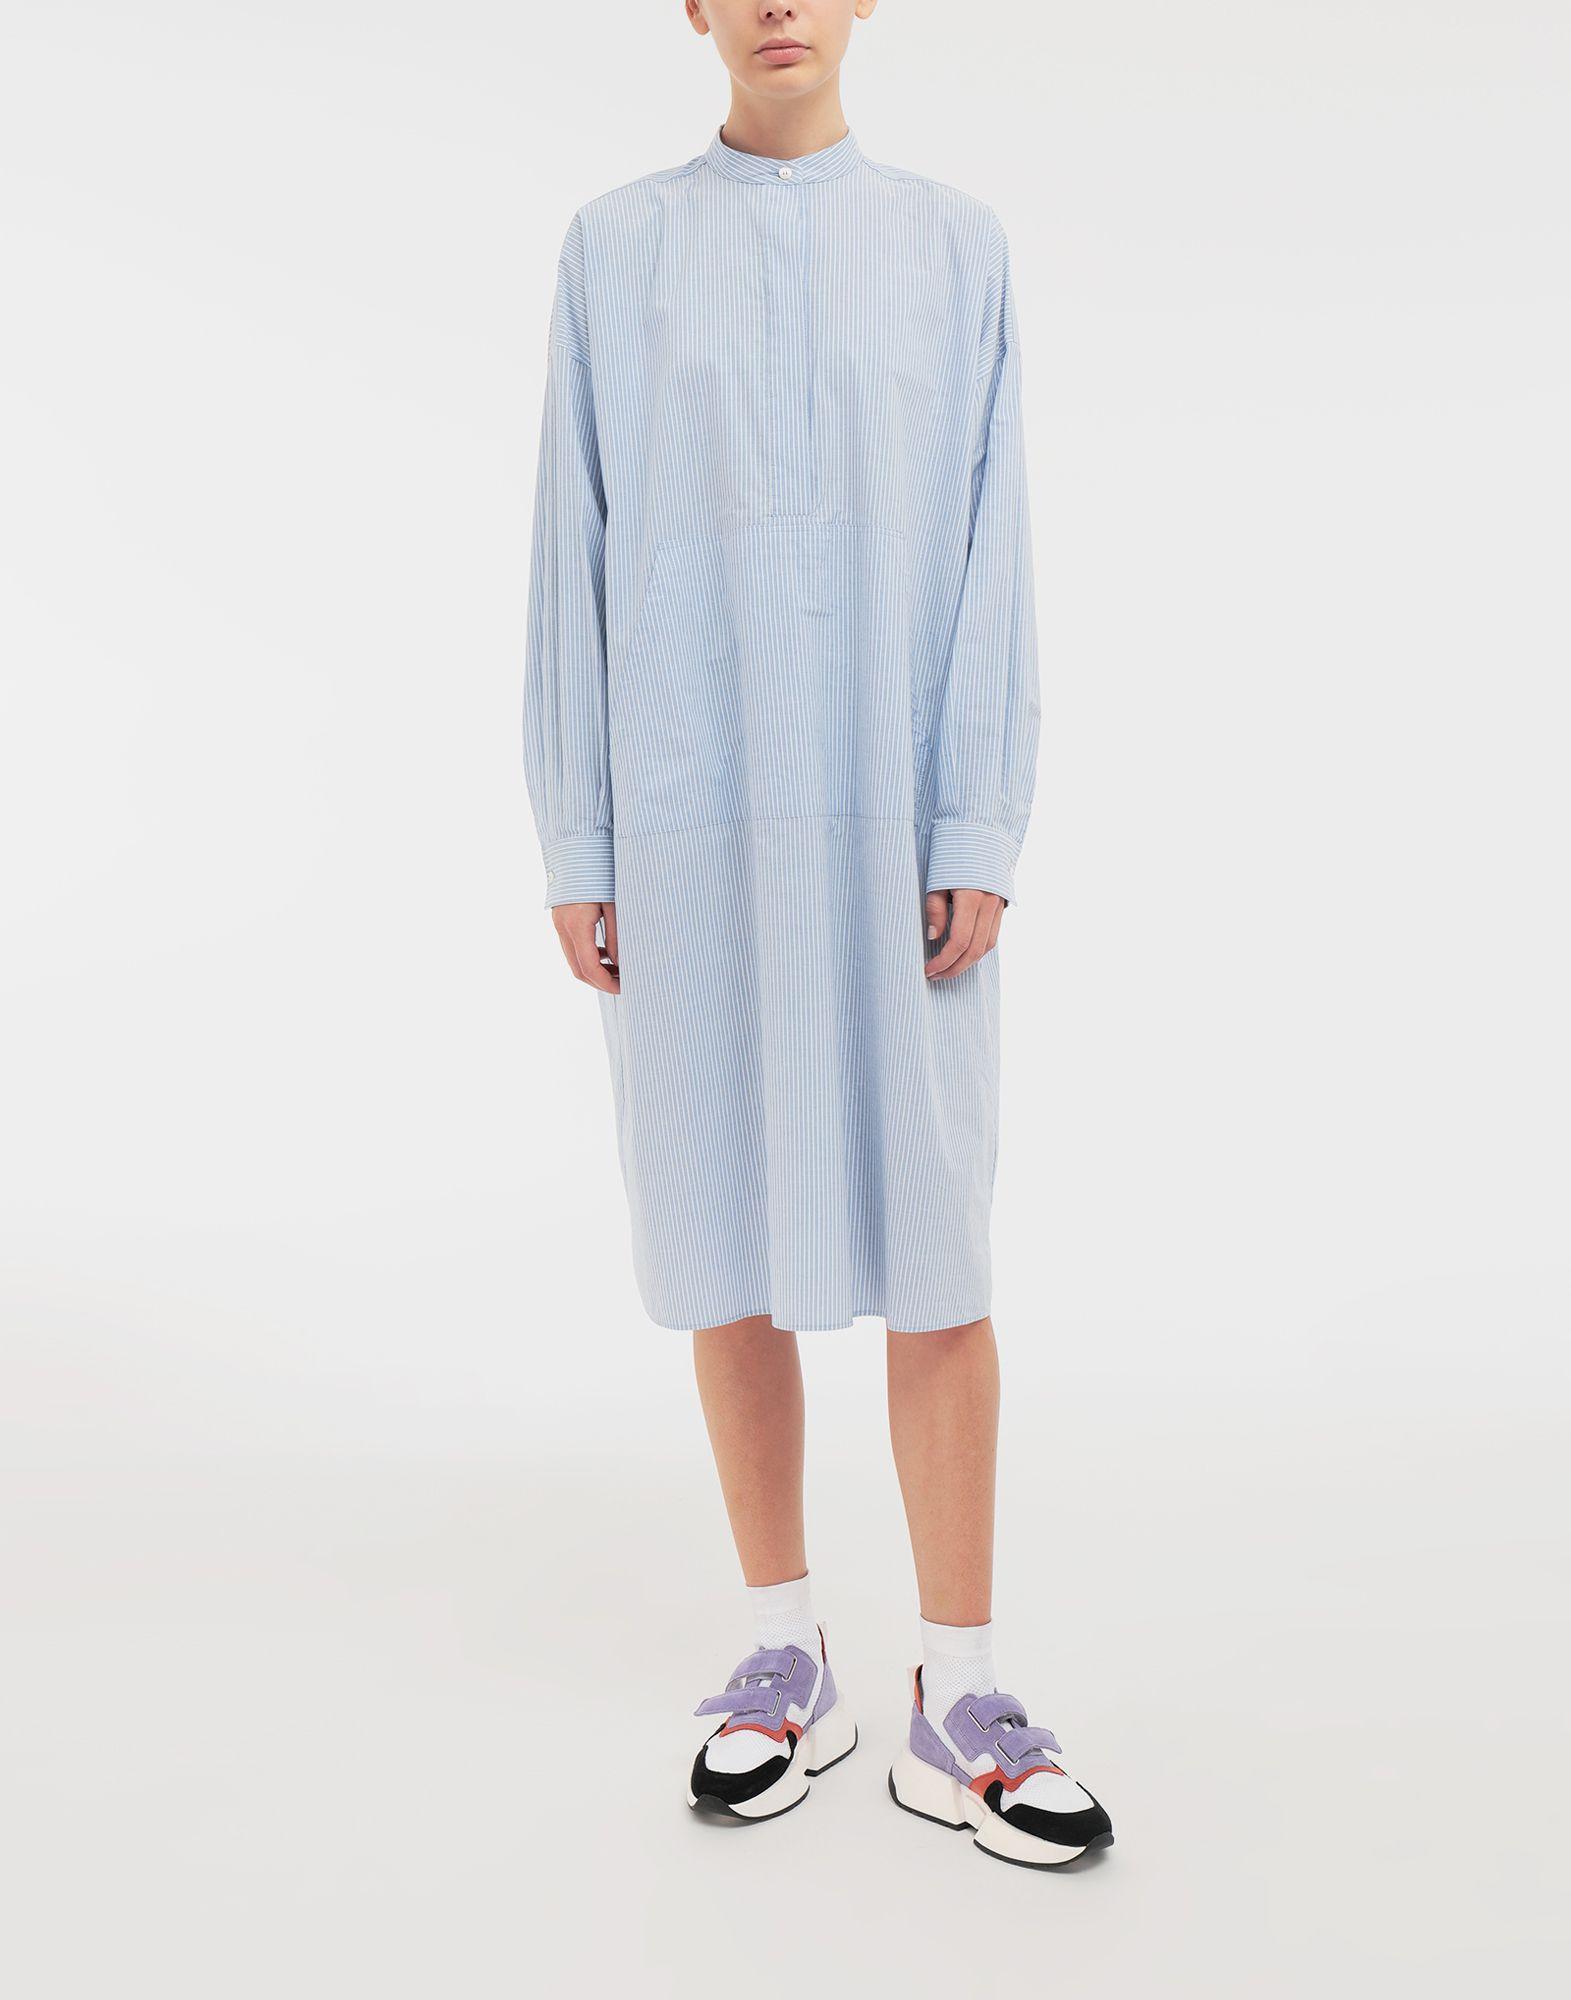 MM6 MAISON MARGIELA Robe chemise en popeline avec imprimé logo Robe mi-longue Femme r